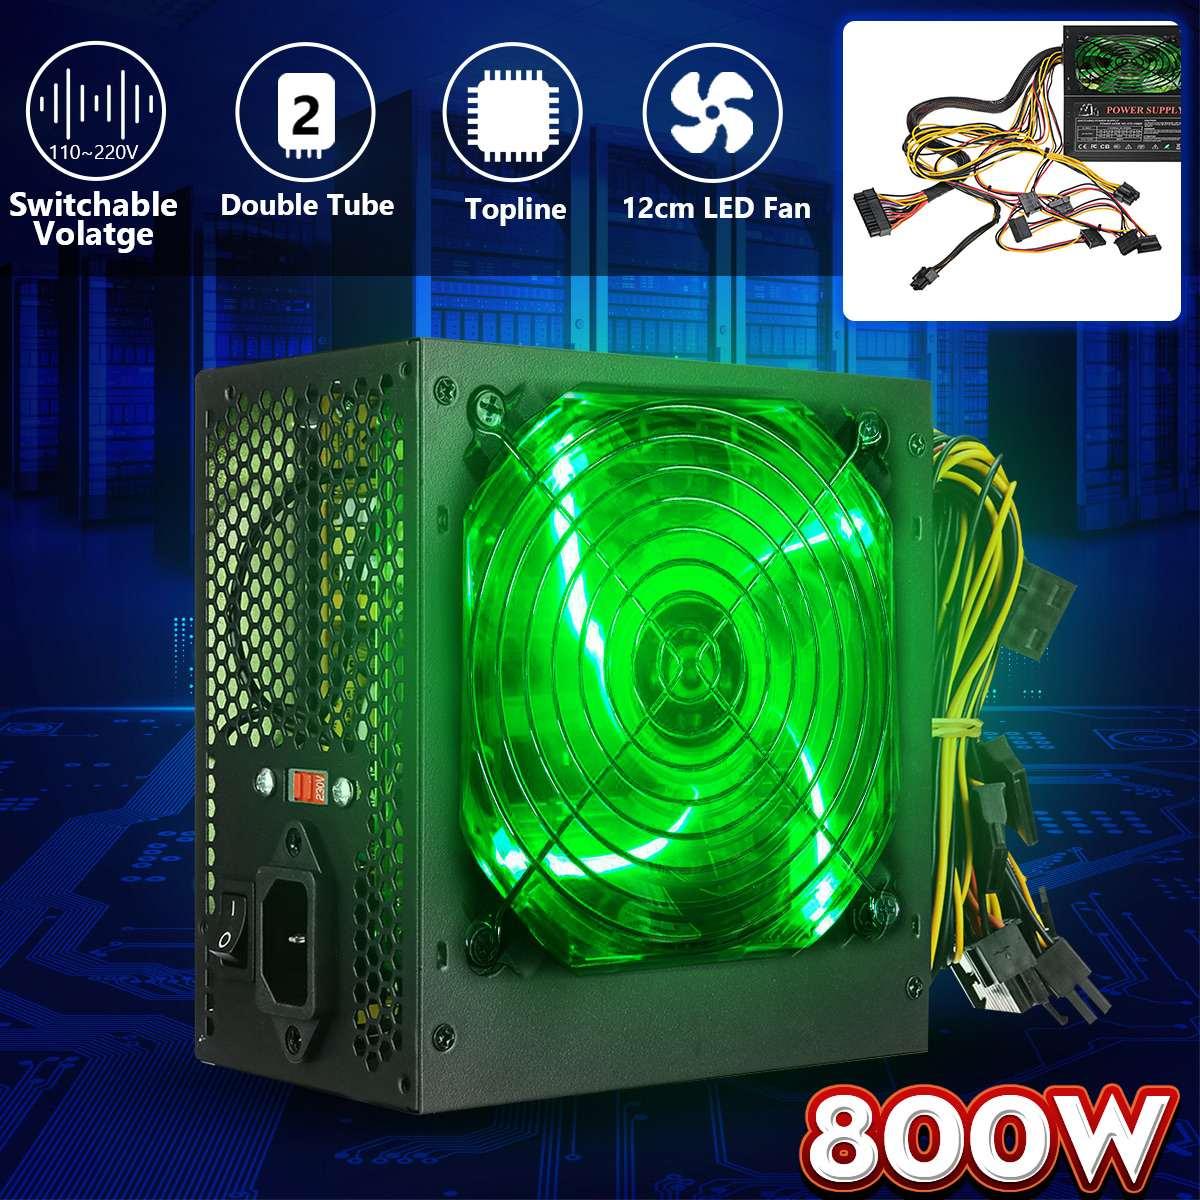 800 واط 220 فولت الكمبيوتر امدادات الطاقة 12 سنتيمتر LED مروحة كاتمة للصوت مع التحكم الذكي في درجة الحرارة إنتل AMD ATX 12 فولت ل كمبيوتر مكتبي